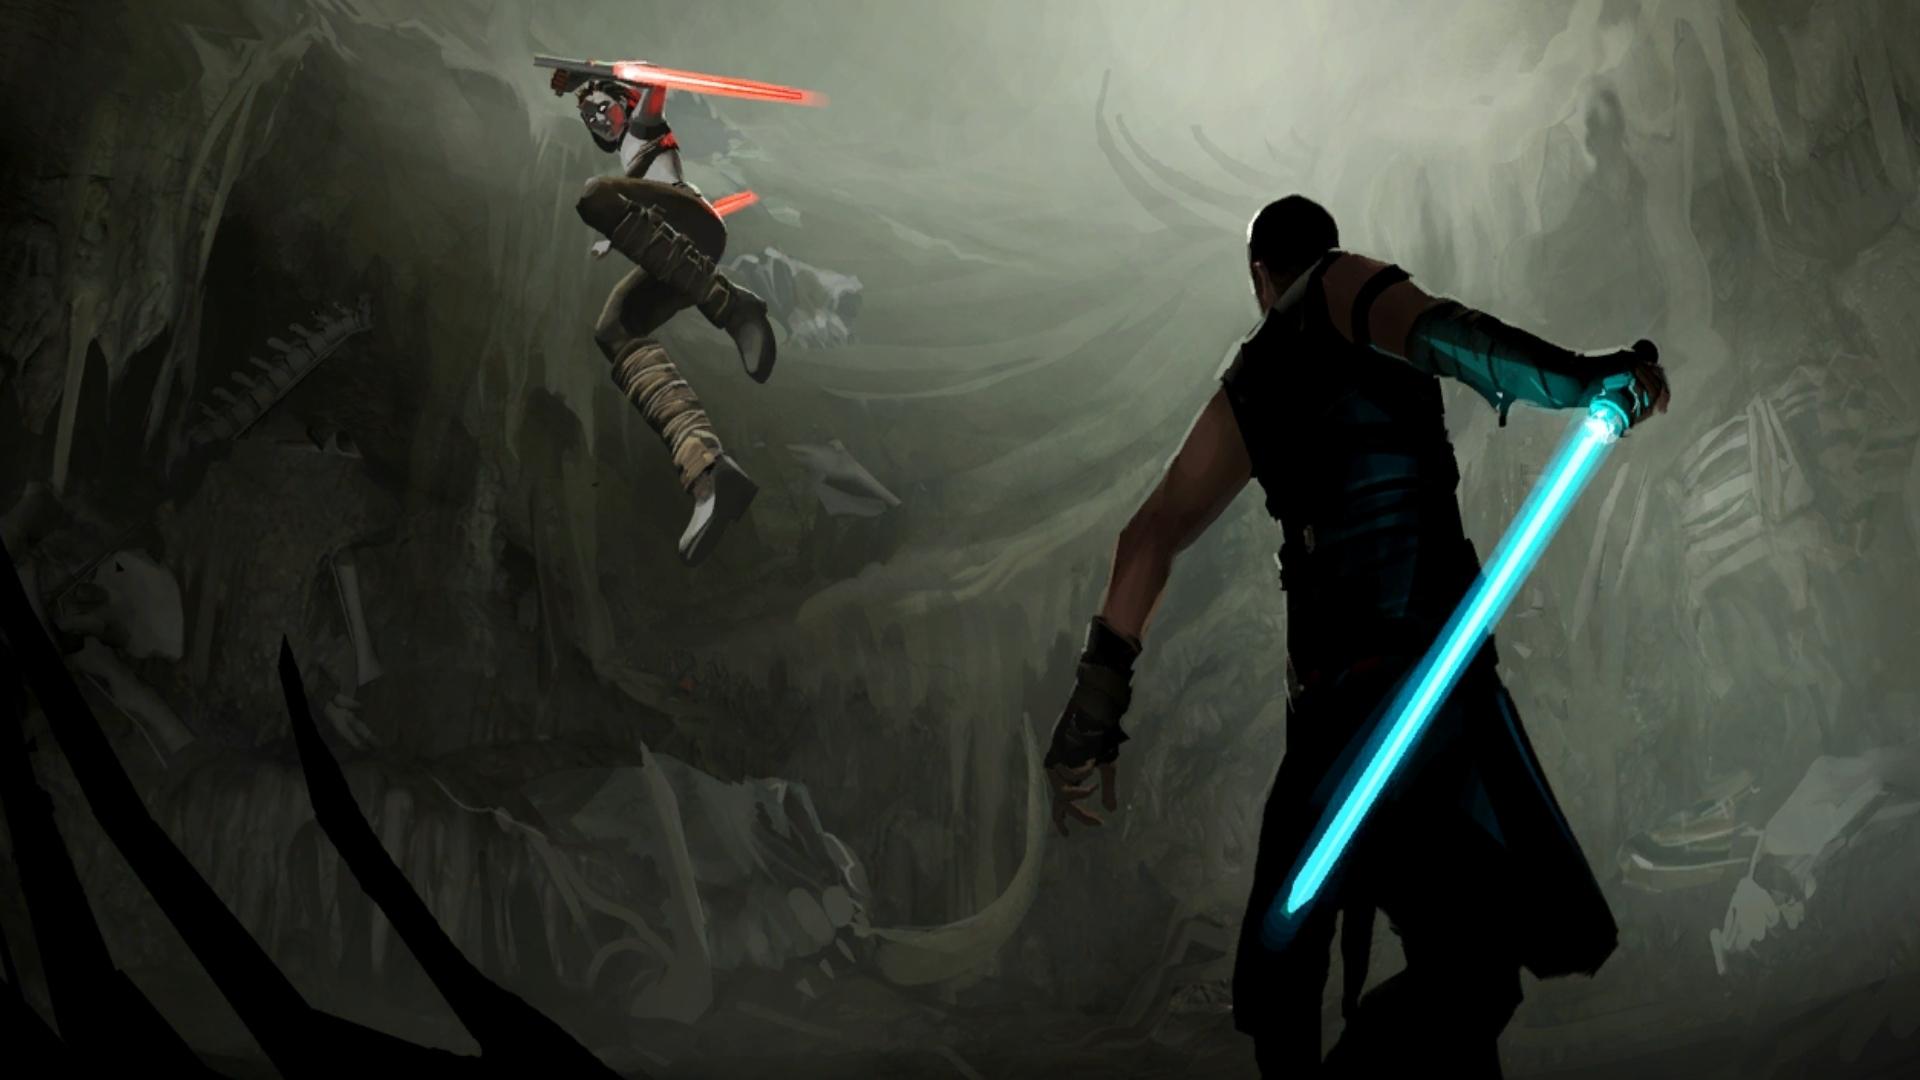 Jedi Wallpaper ... Jedi Wallpaper